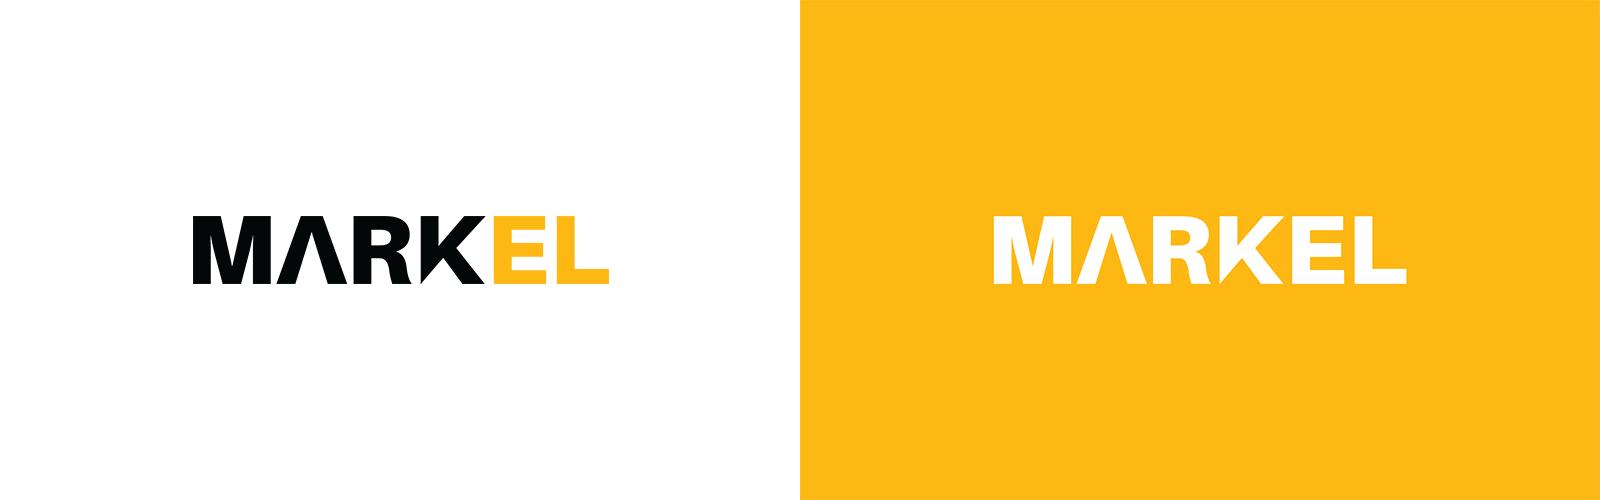 MarkEL logo suunnittelu